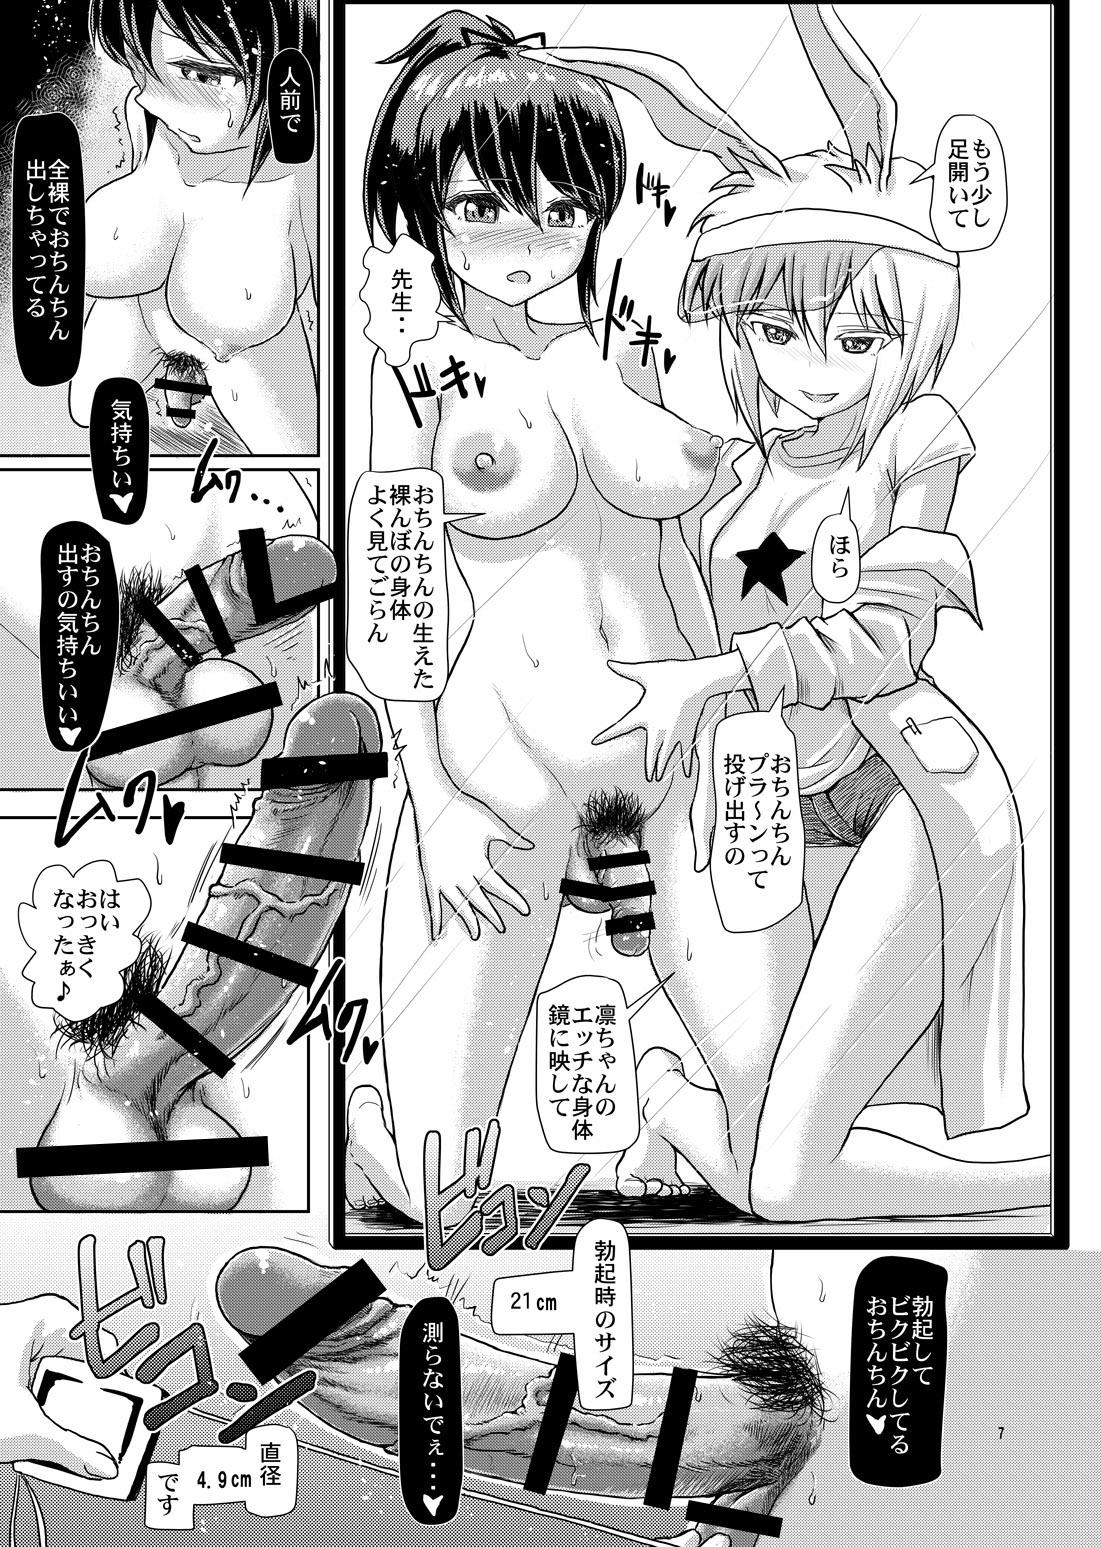 人前で・・・全裸でおちんちん出しちゃってる・・・気持ちいい・・・おちんちん出すの、気持ちいい・・・♪【エロ漫画・エロ同人】 (6)